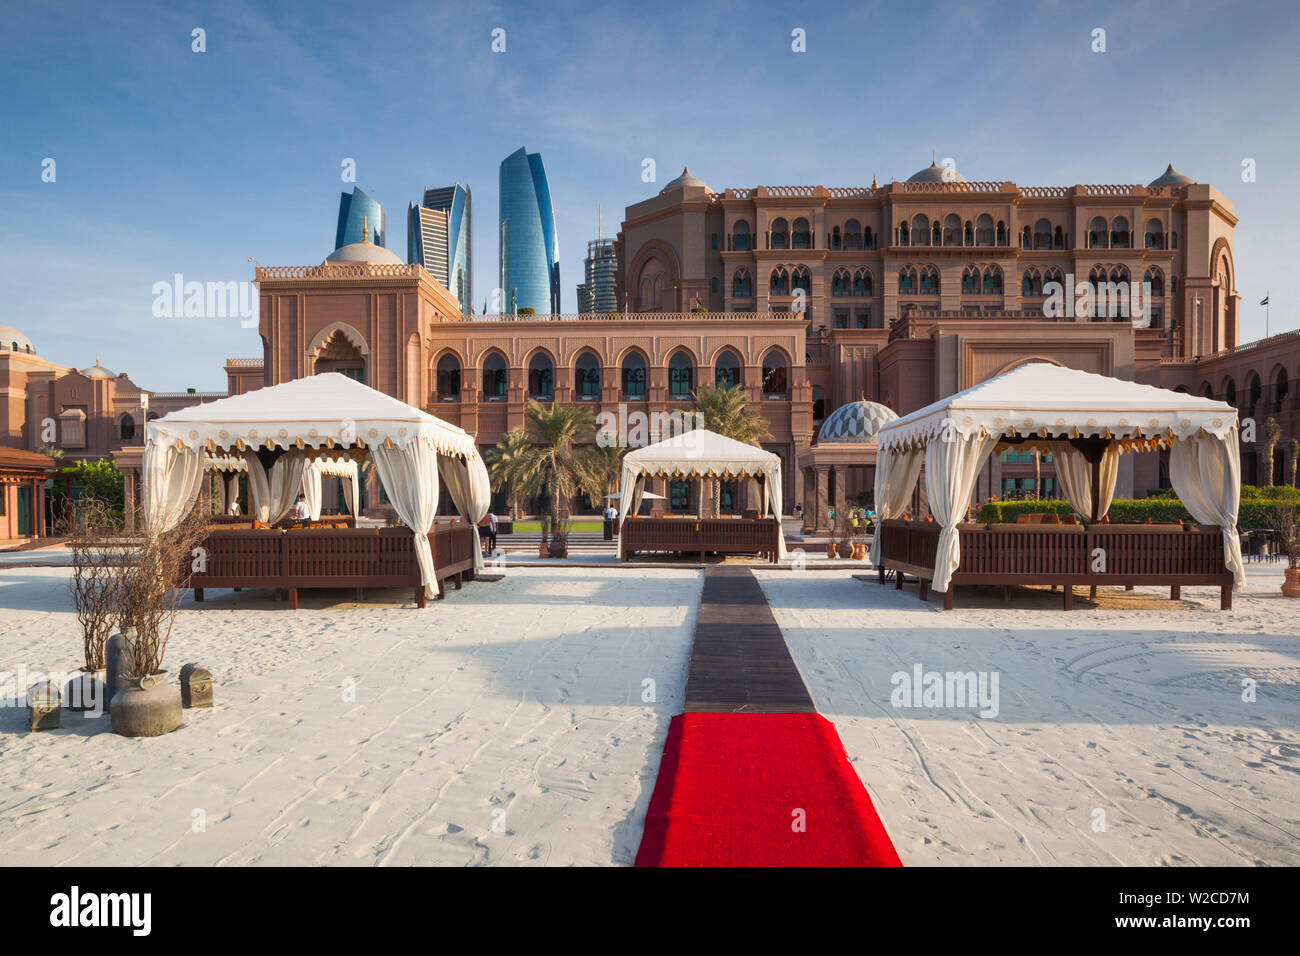 UAE, Abu Dhabi, Emirates Palace Hotel and Etihad Towers - Stock Image